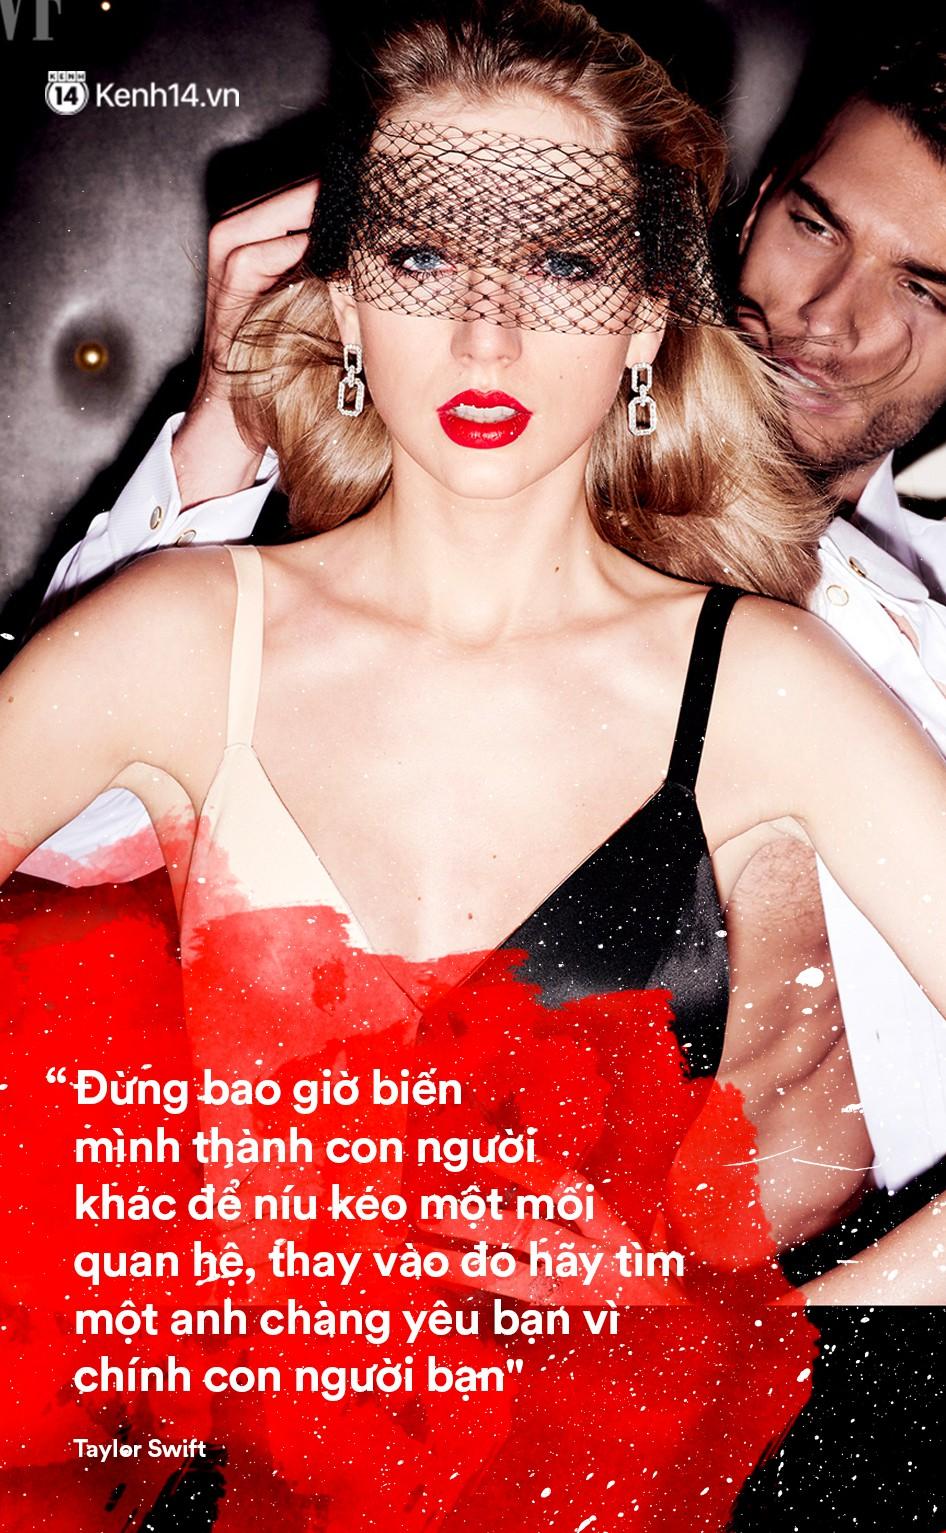 Taylor Swift: Từ nàng rắn với tình sử ồn ào trở thành cô mèo trầm lặng và trưởng thành trong tình yêu - Ảnh 1.